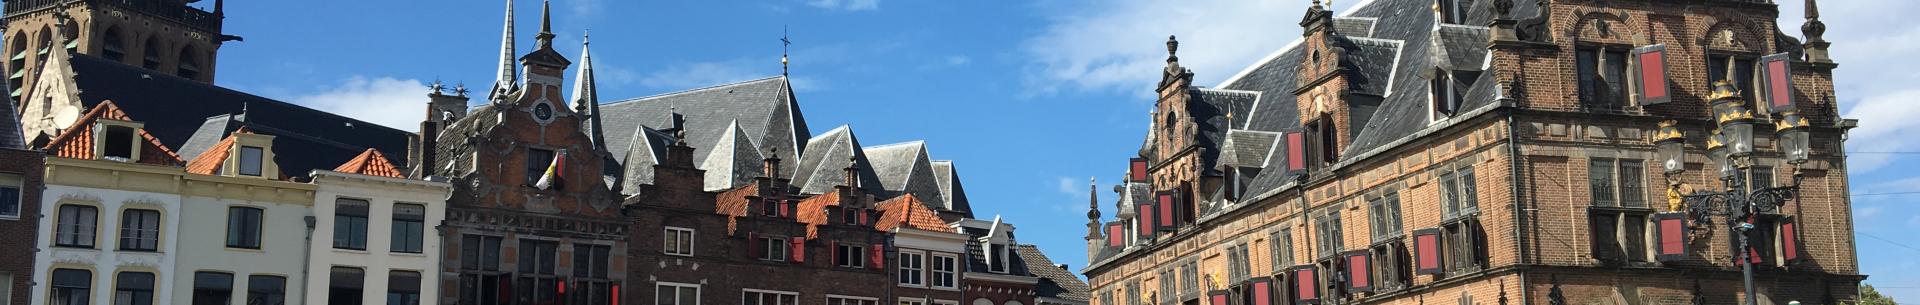 Zpráva zcesty – Nijmegen